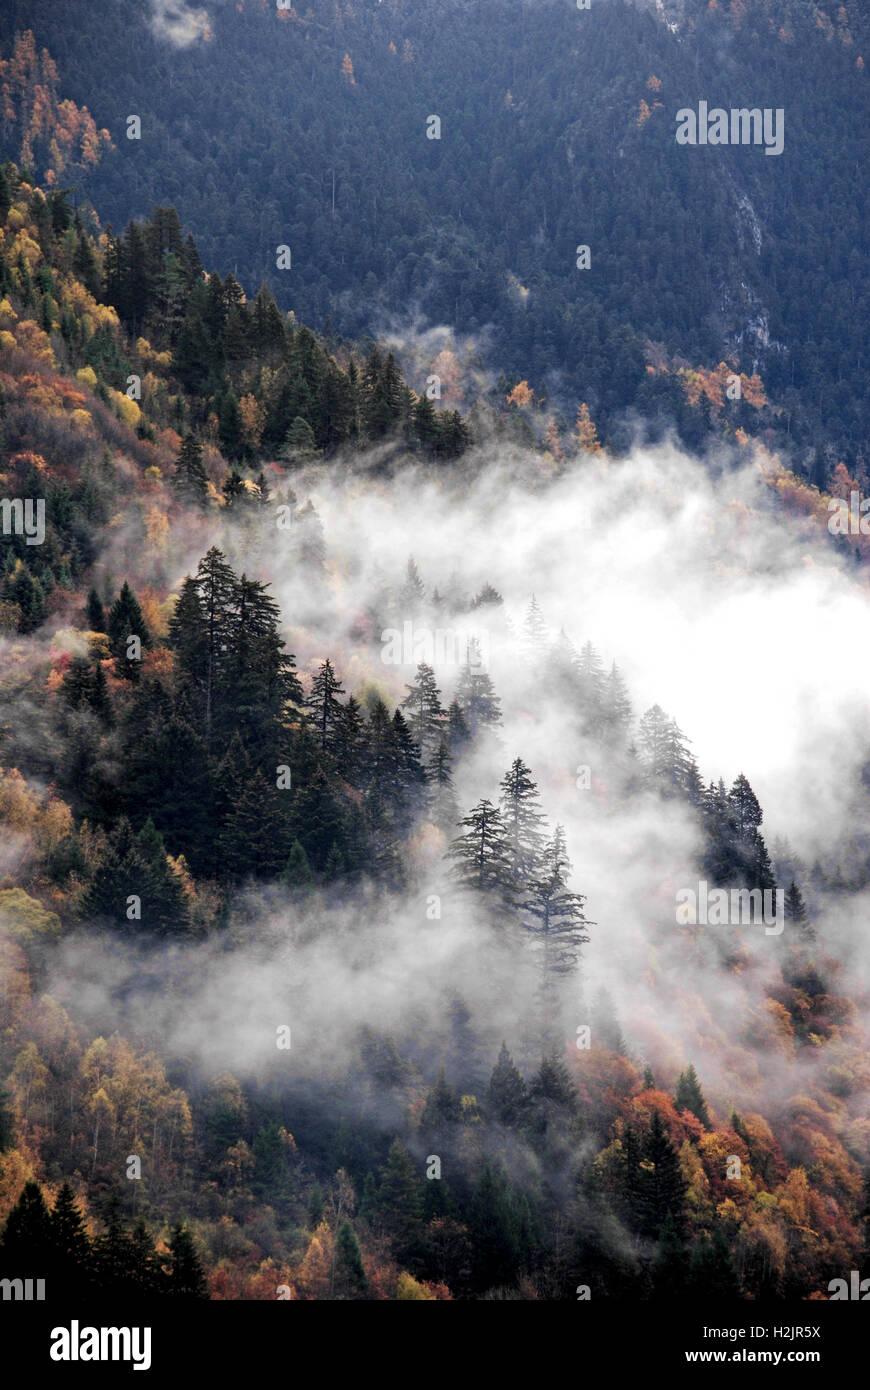 La brume s'attarde sur l'alpine d'arbres dans le Parc National de Jiuzhaigou, Chine. Photo Stock